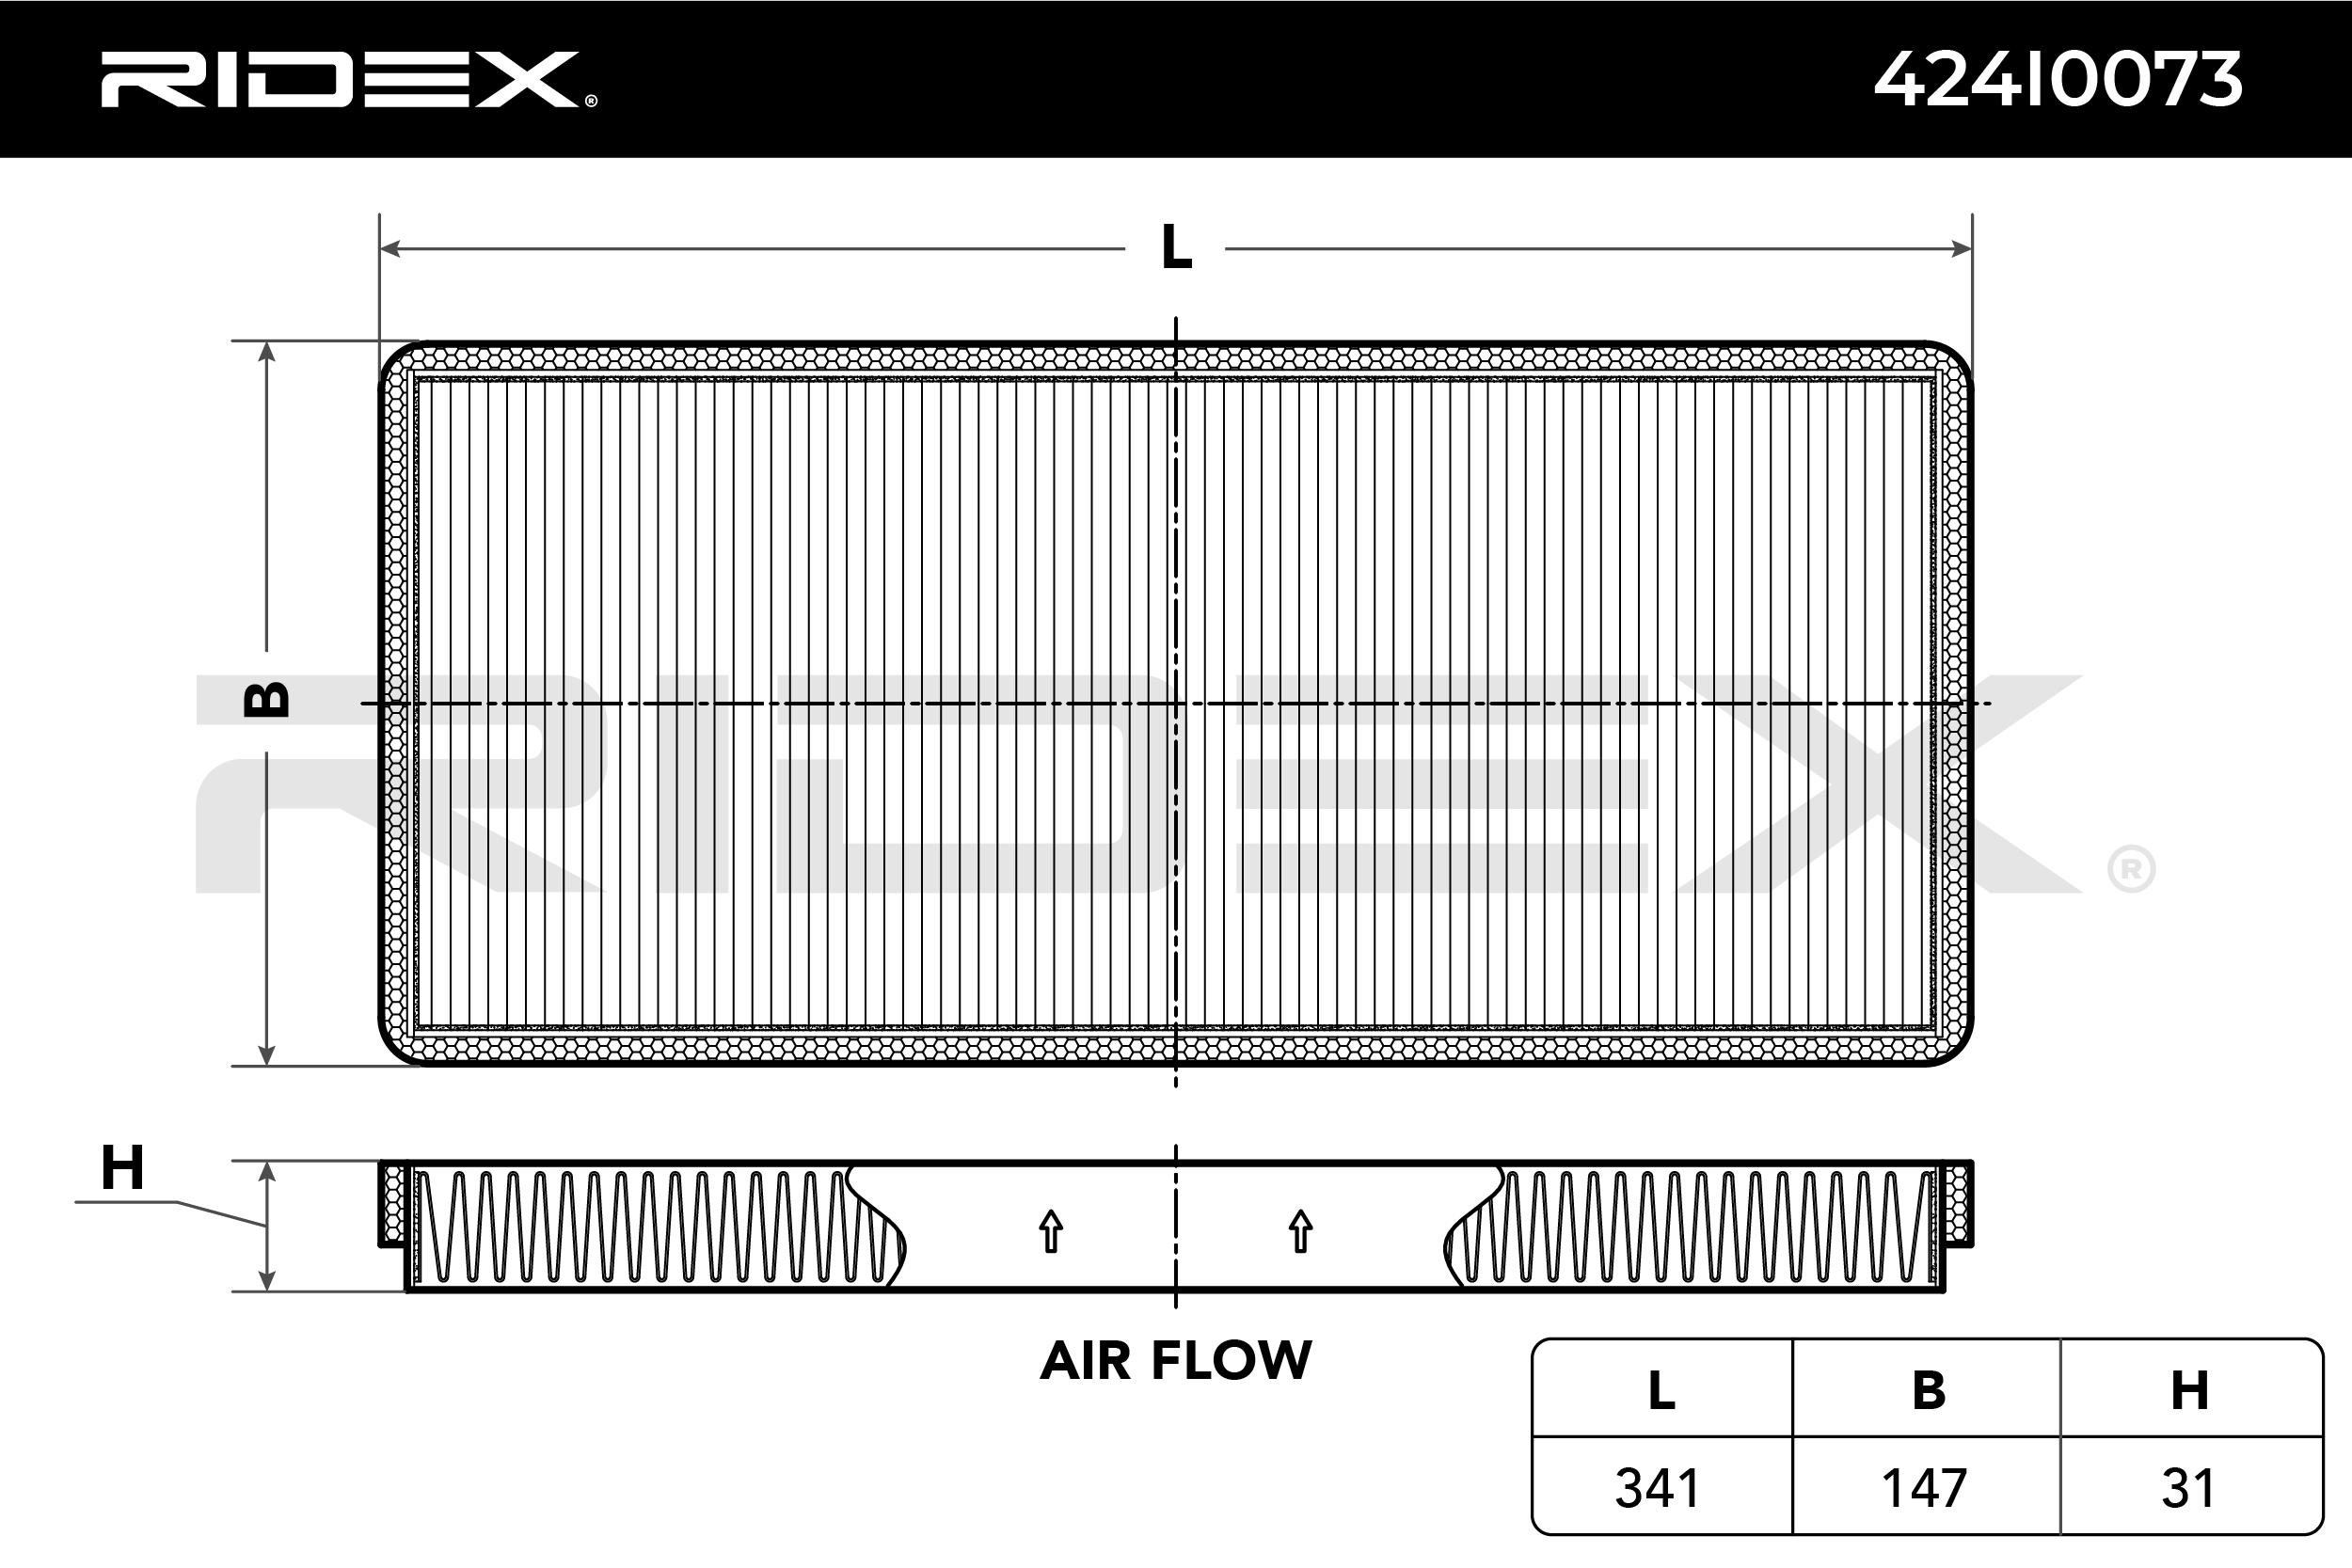 RIDEX: Original Pkw-Heizung 424I0073 (Breite: 147mm, Höhe: 31mm, Länge: 341mm)